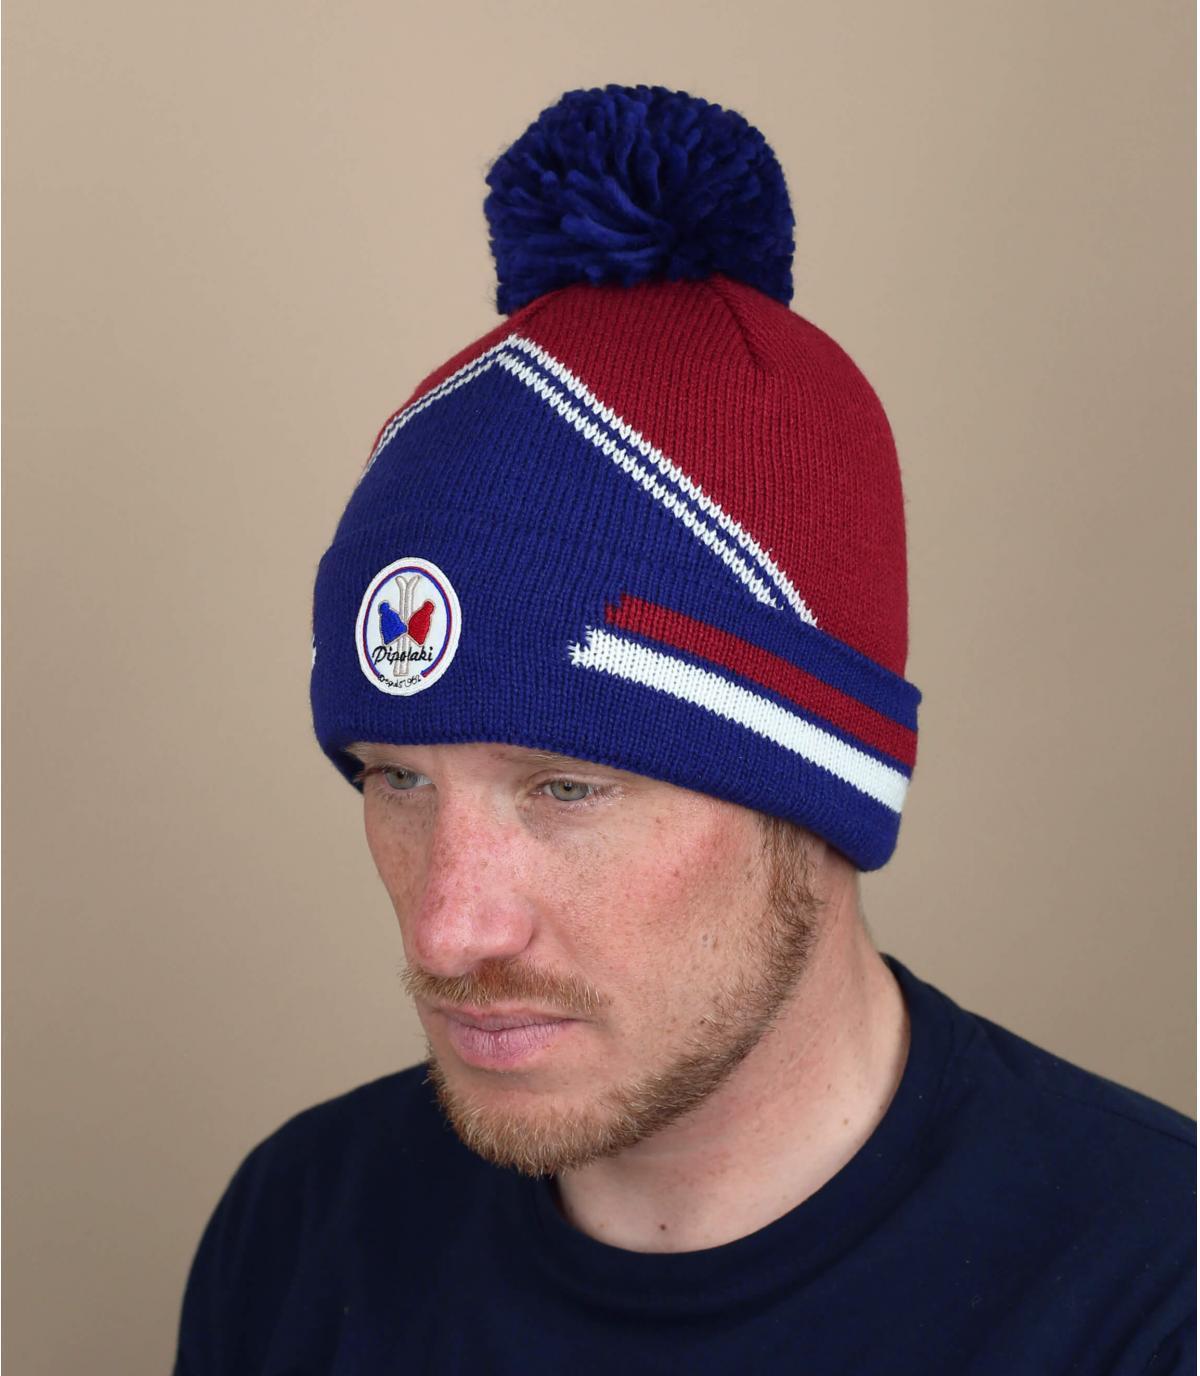 cappello da sci blu bordeaux